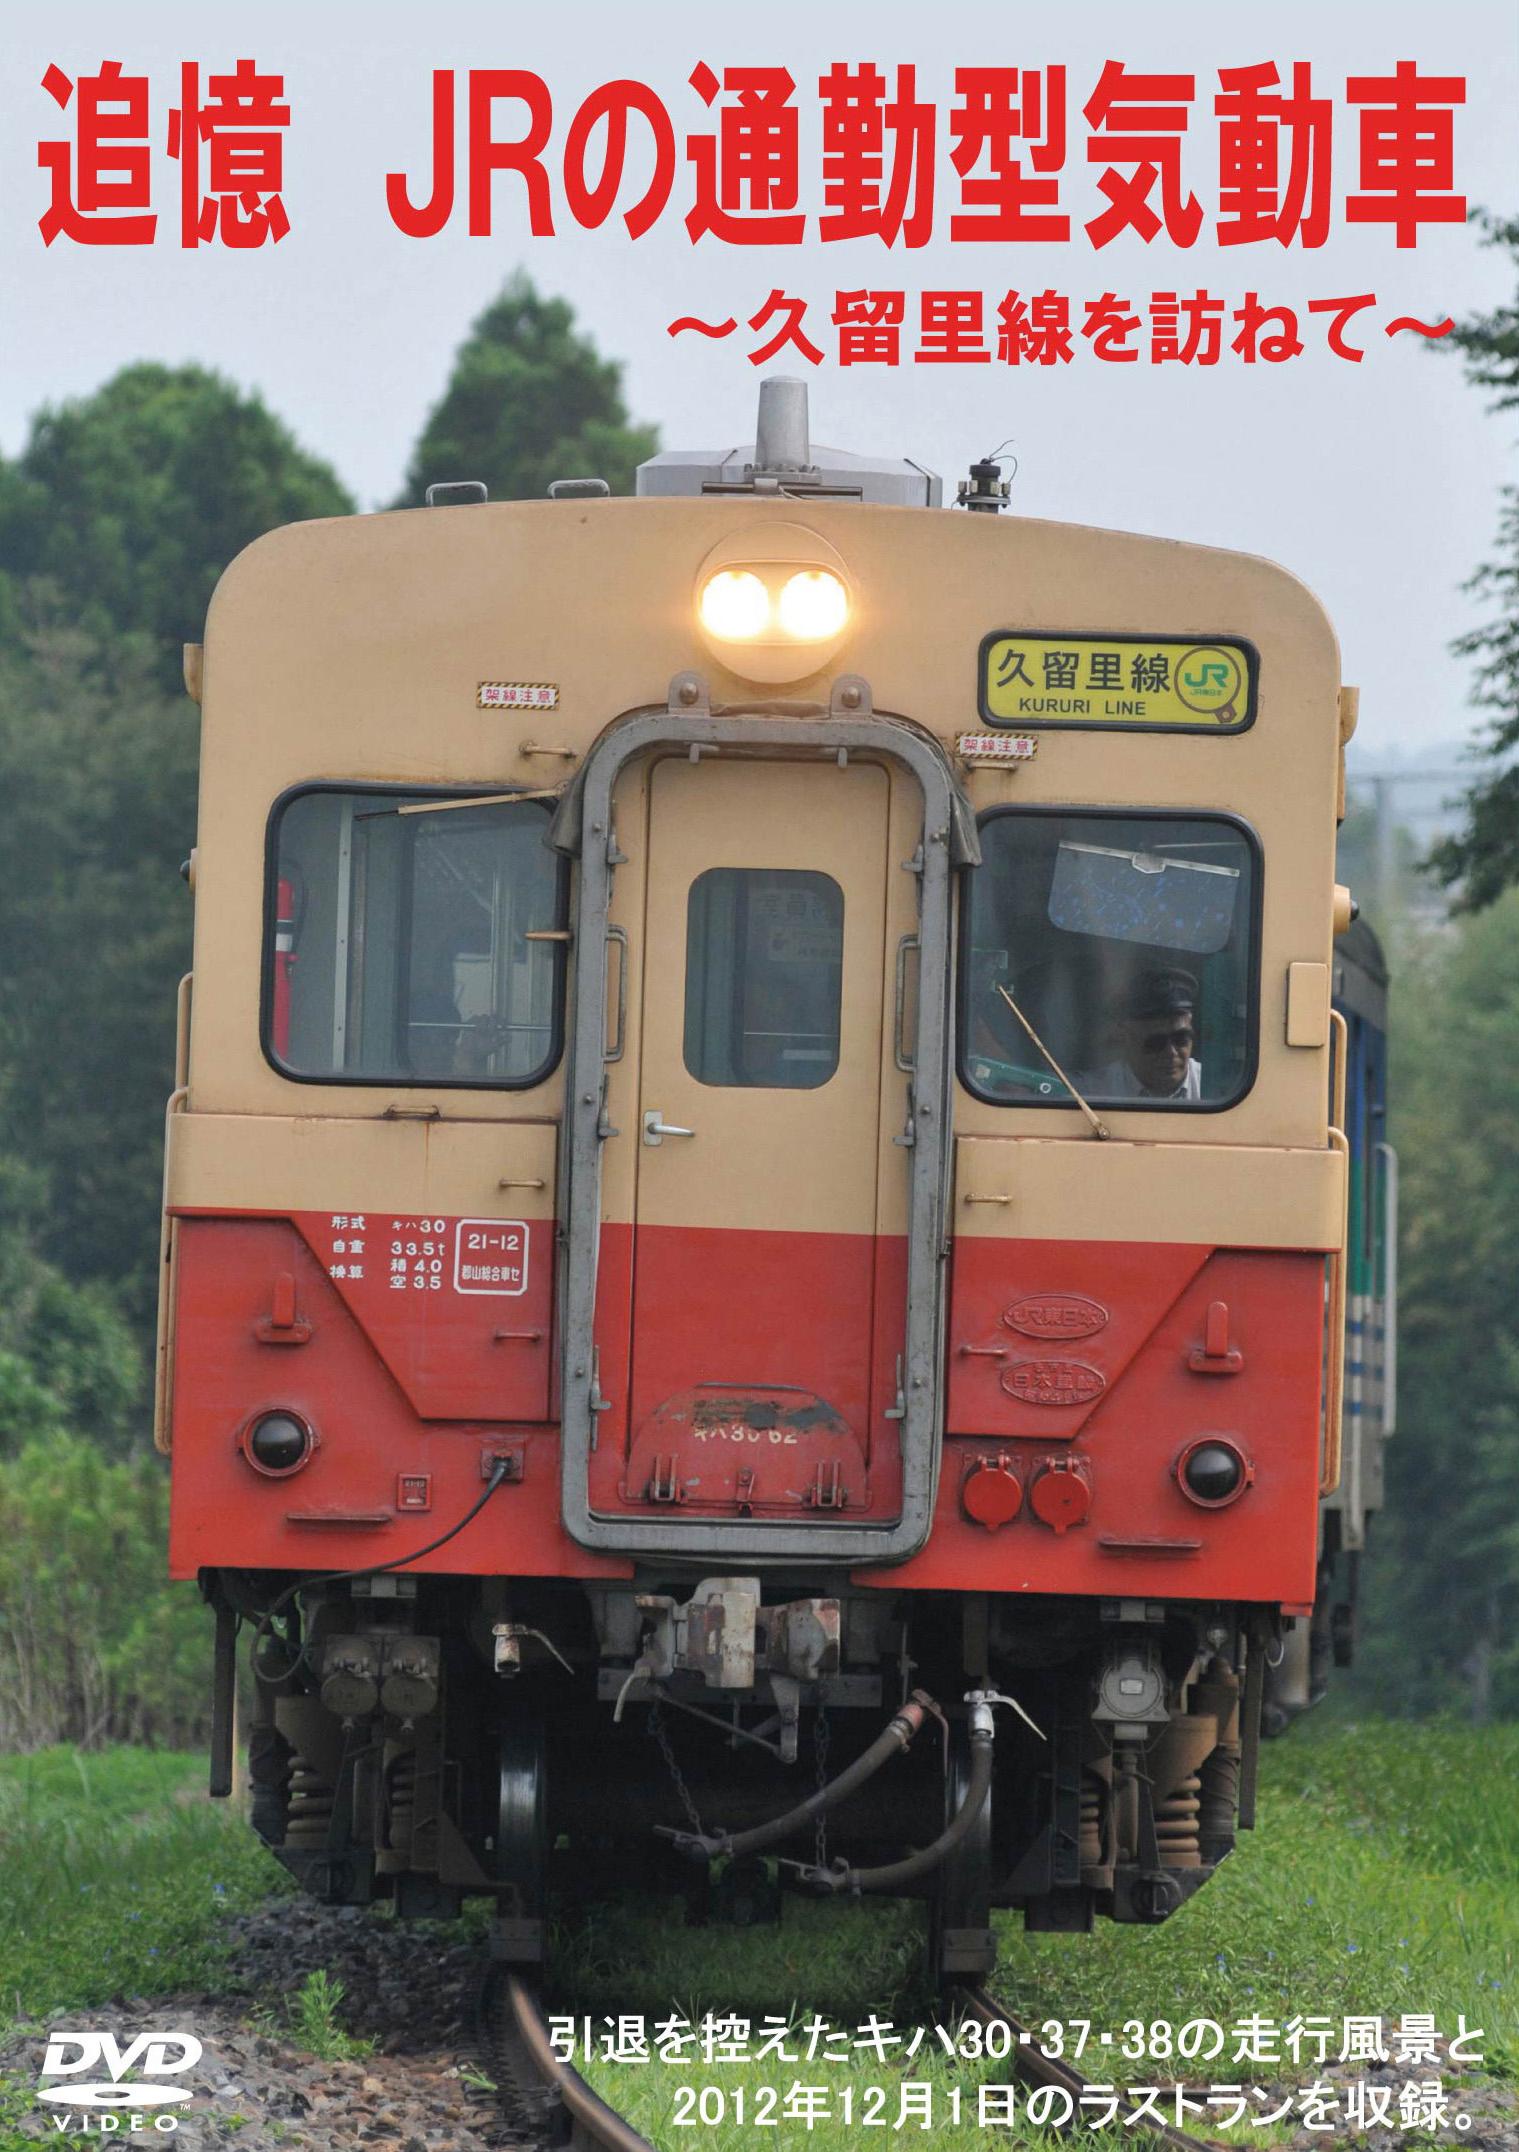 追憶 JRの通勤型気動車 〜久留里線を訪ねて〜